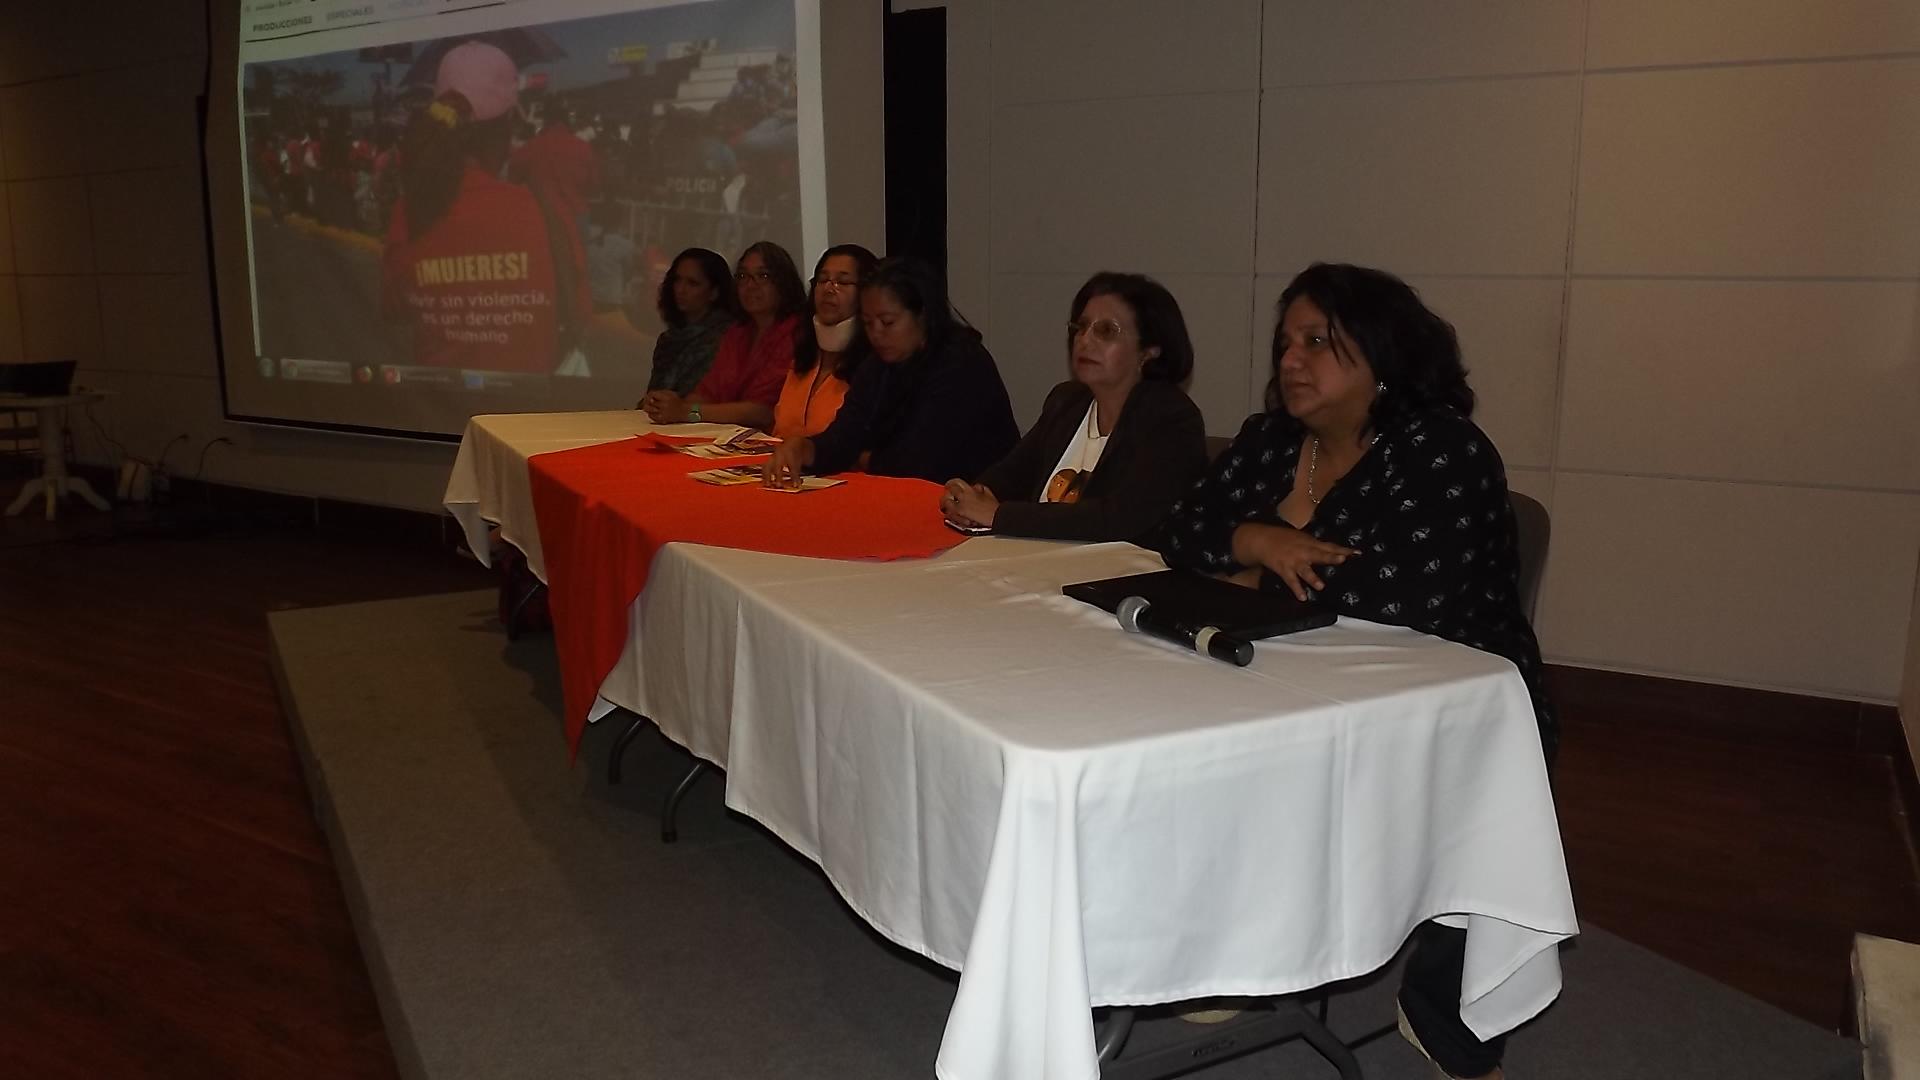 Defensoras de derechos humanos en Nicaragua recuentan 389 agresiones. Coordinadoras